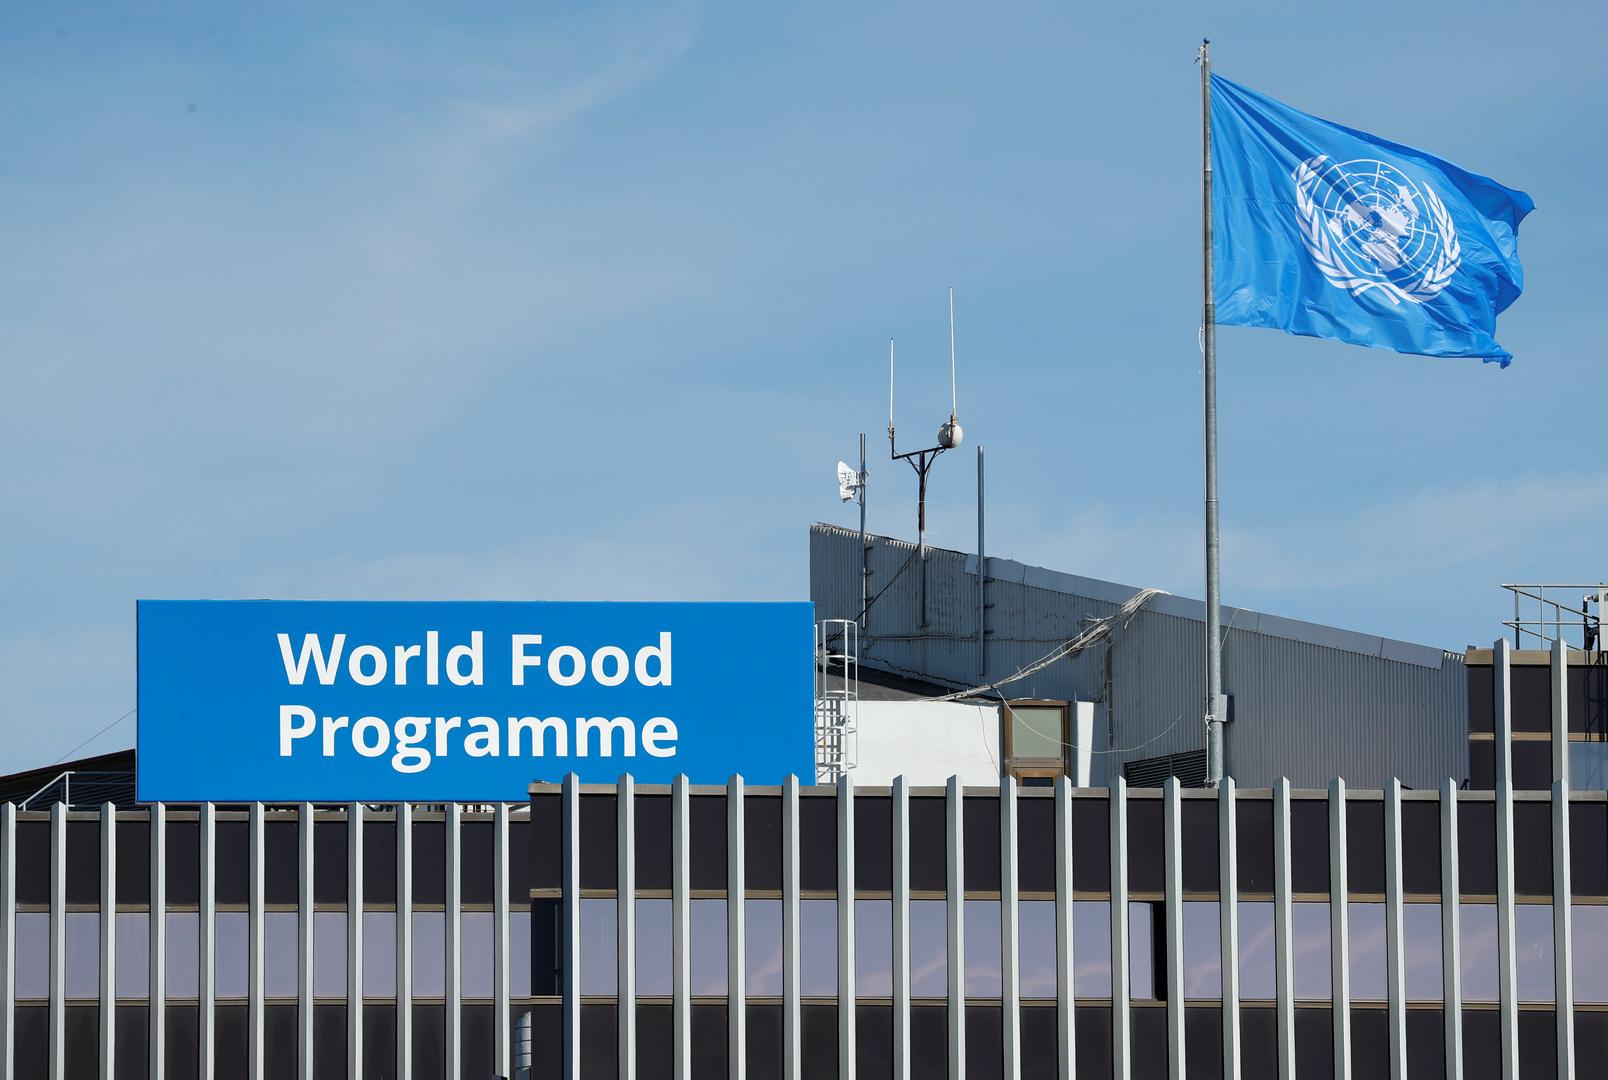 ماكرون يهنئ برنامج الأغذية العالمي بجائزة نوبل